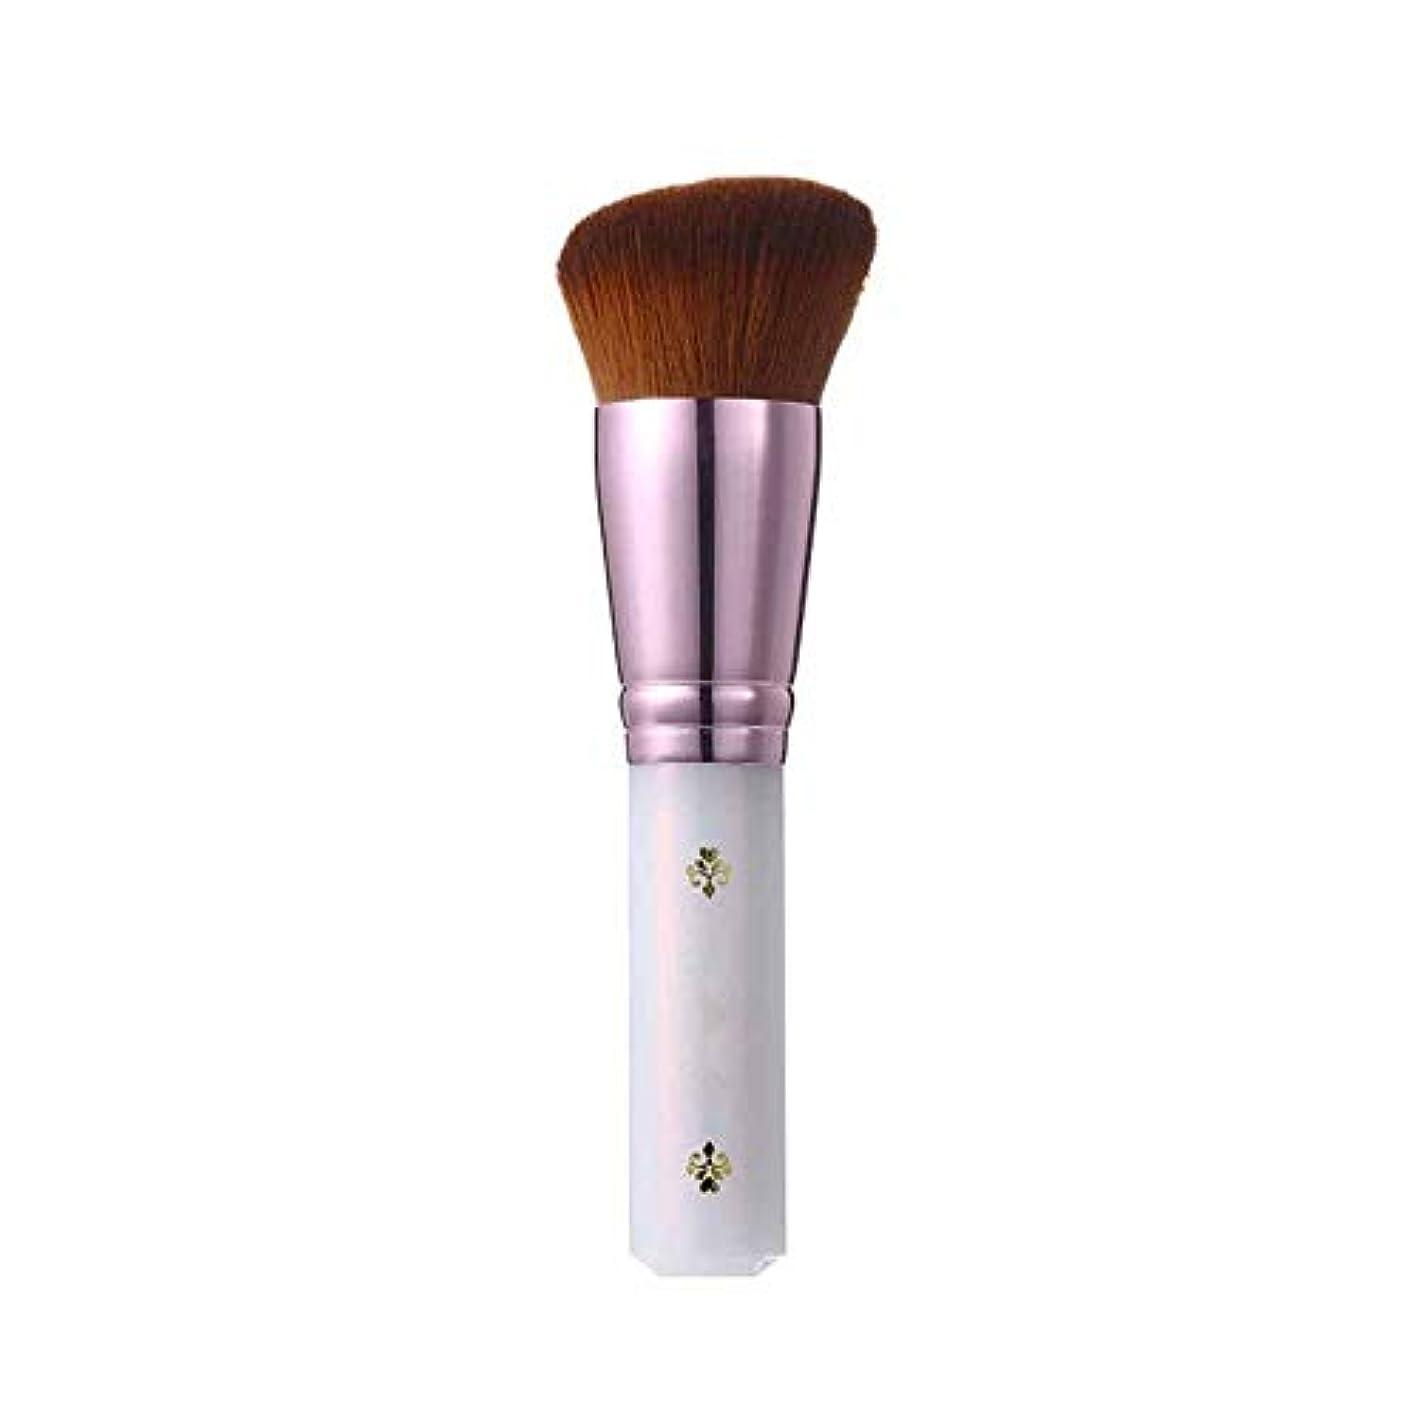 看板ドラムするJinfengtongxun 化粧ブラシ、扇形の化粧ブラシ、柔らかいルースパウダーブラシ、さまざまなスタイル,美しい包装 (Color : White, Style : 5)